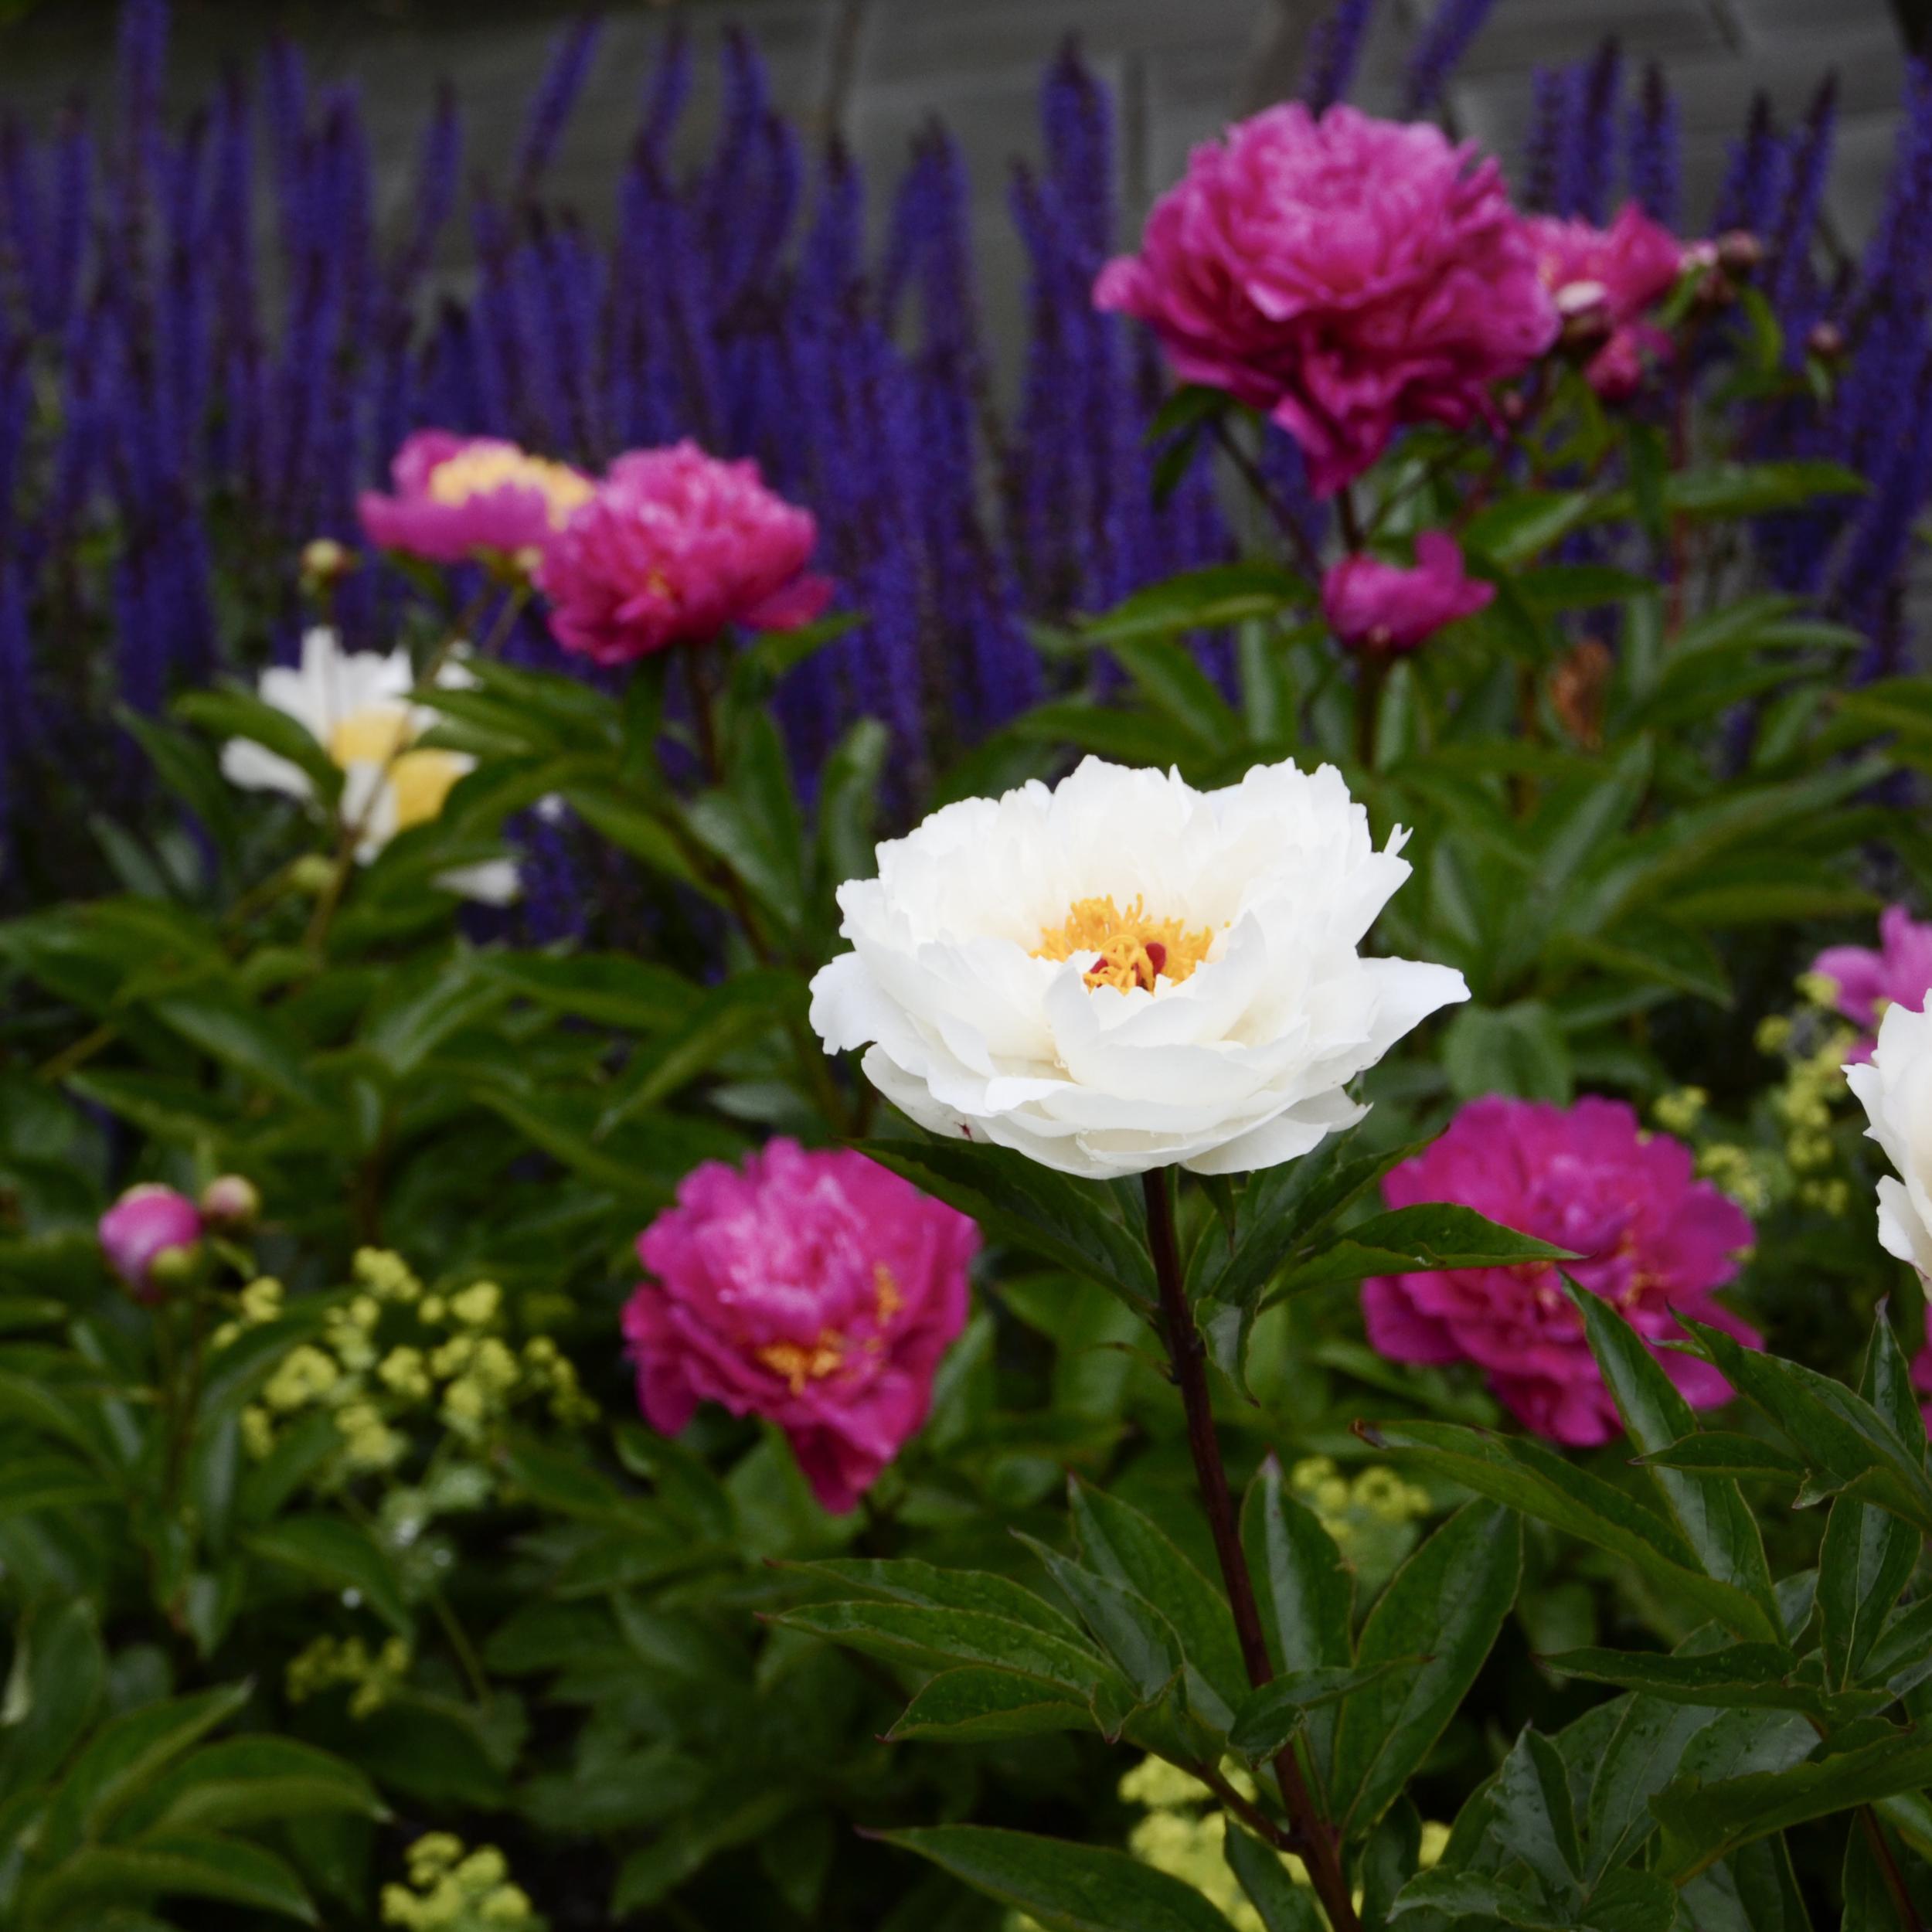 NE_Flowers_007.jpg